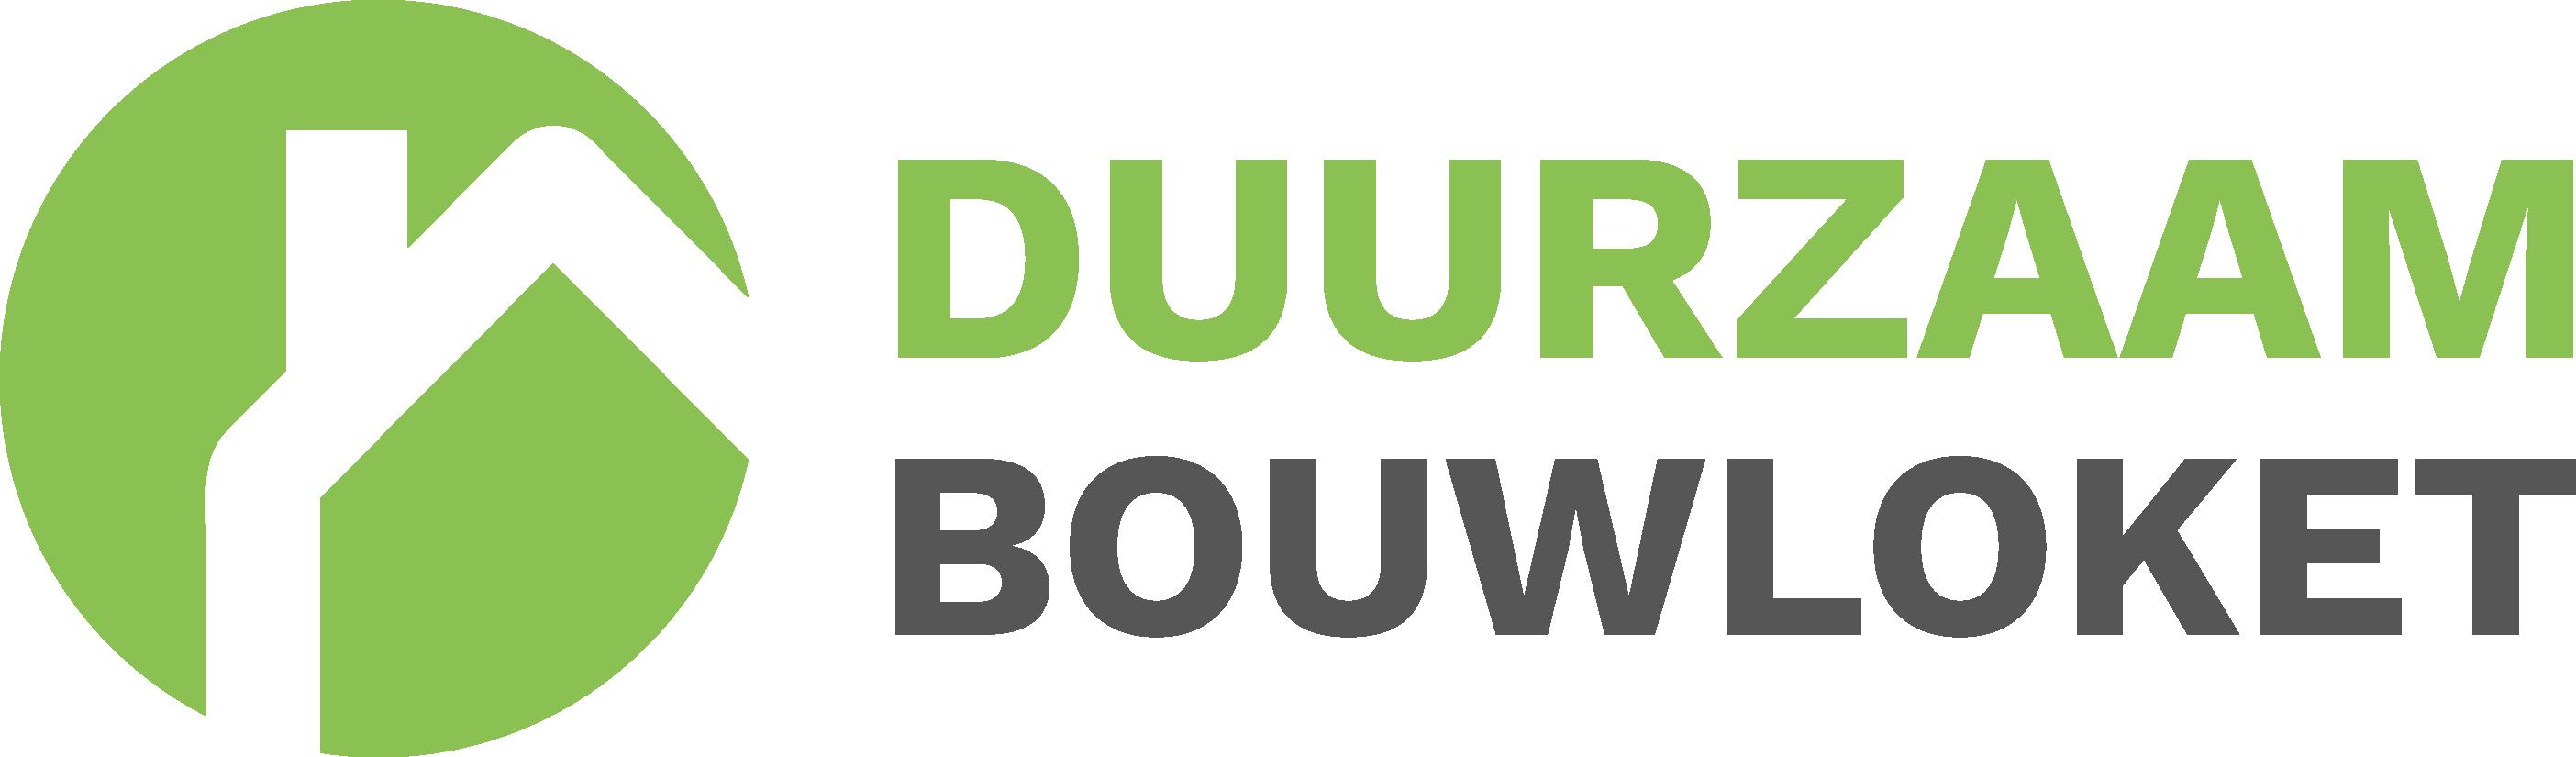 logo duurzaam bouwloket